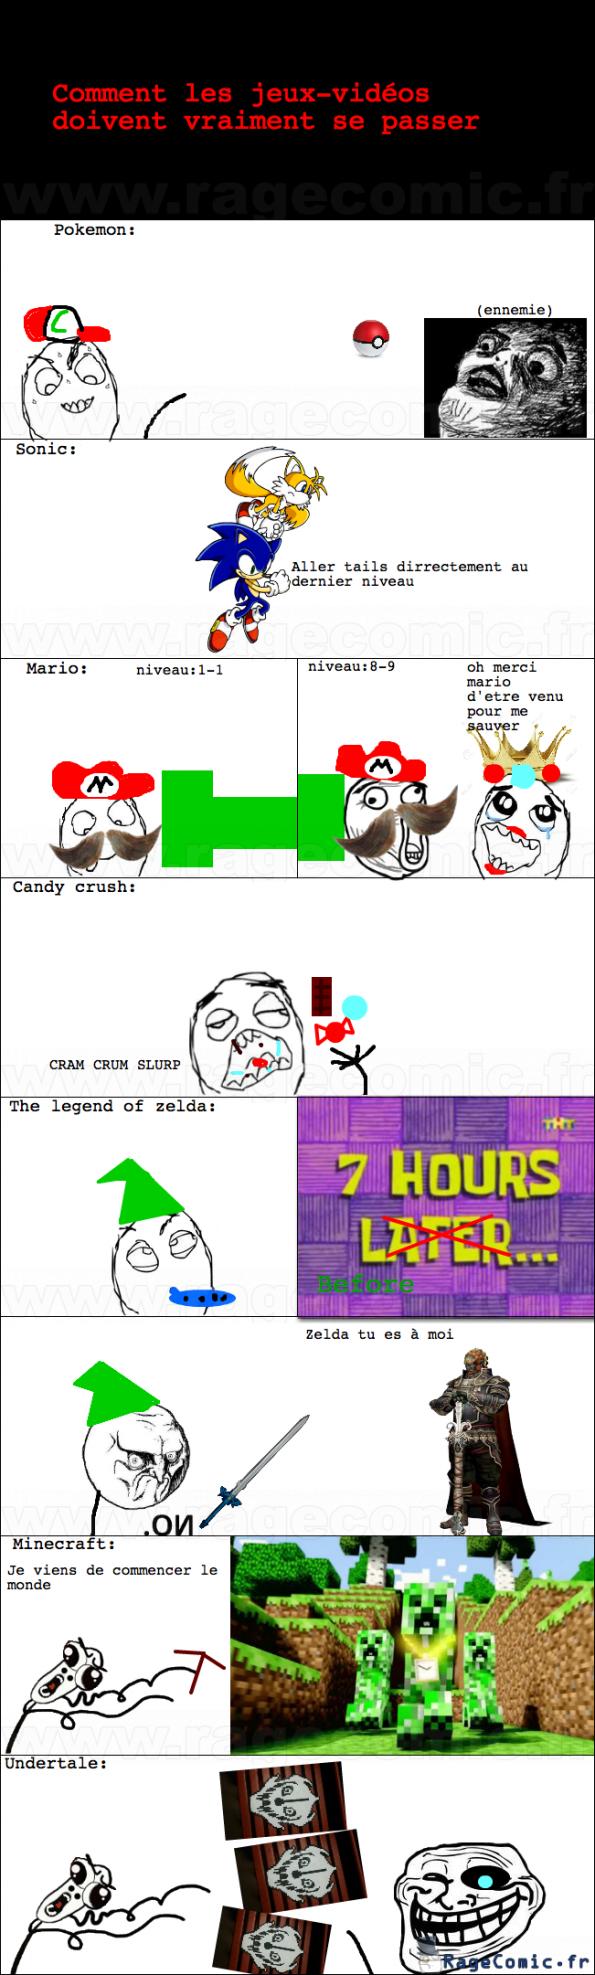 Comment les jeux-vidéos doivent vraiment se passer